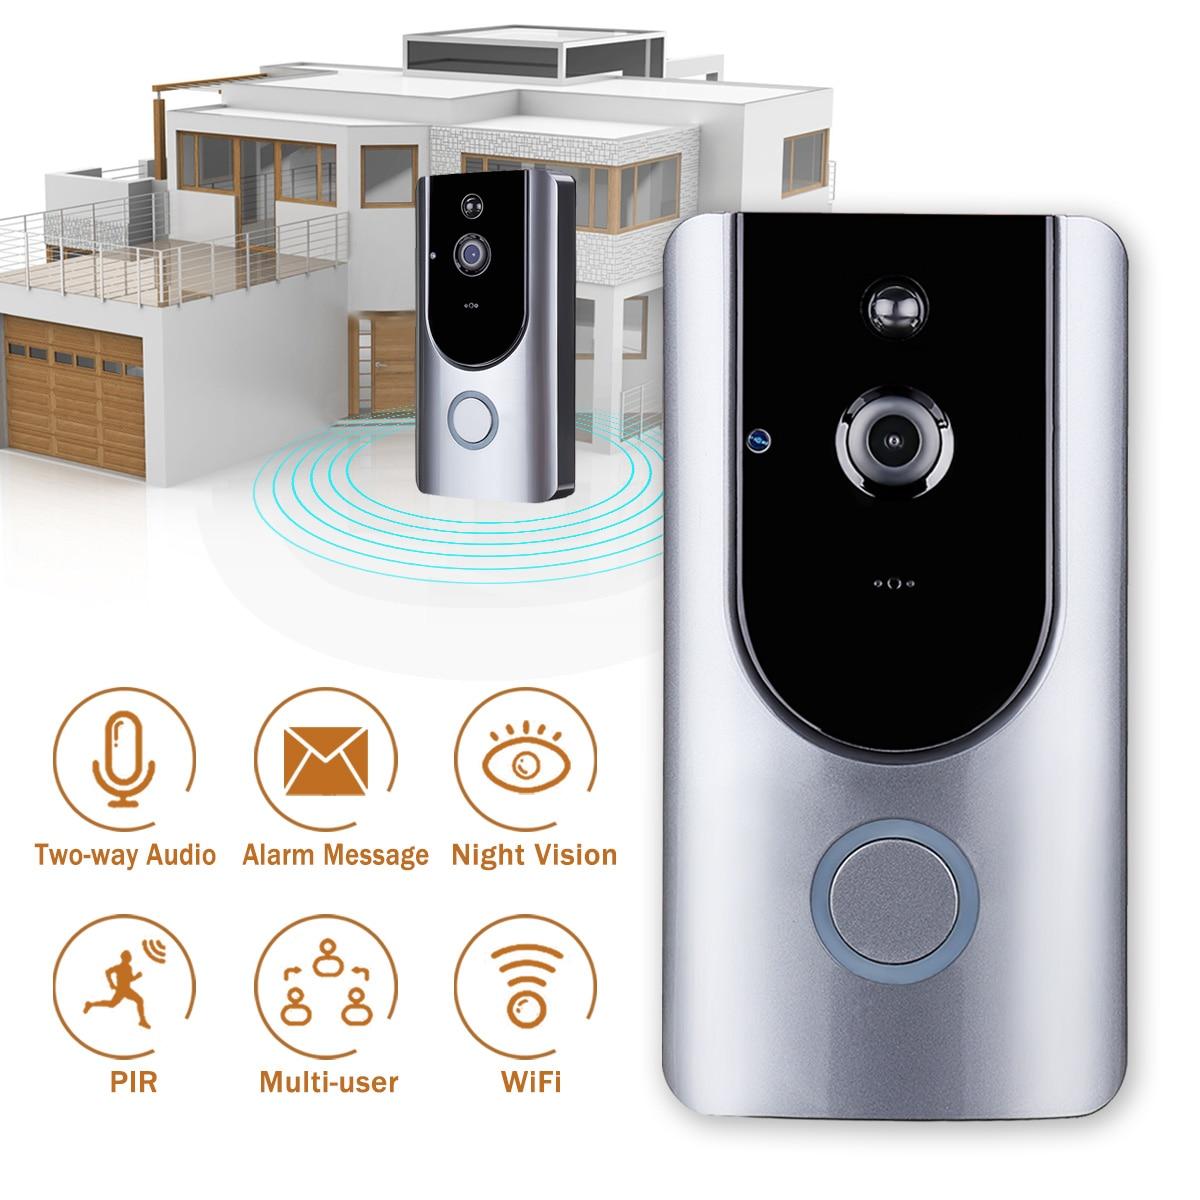 1Set Wireless Video Door Phone HD PIR WIFI Doorbell Intercom Alarm Wireless Security Camera Outdoor Doorbell силиконовые чехлы китики паттерн page 6 page 3